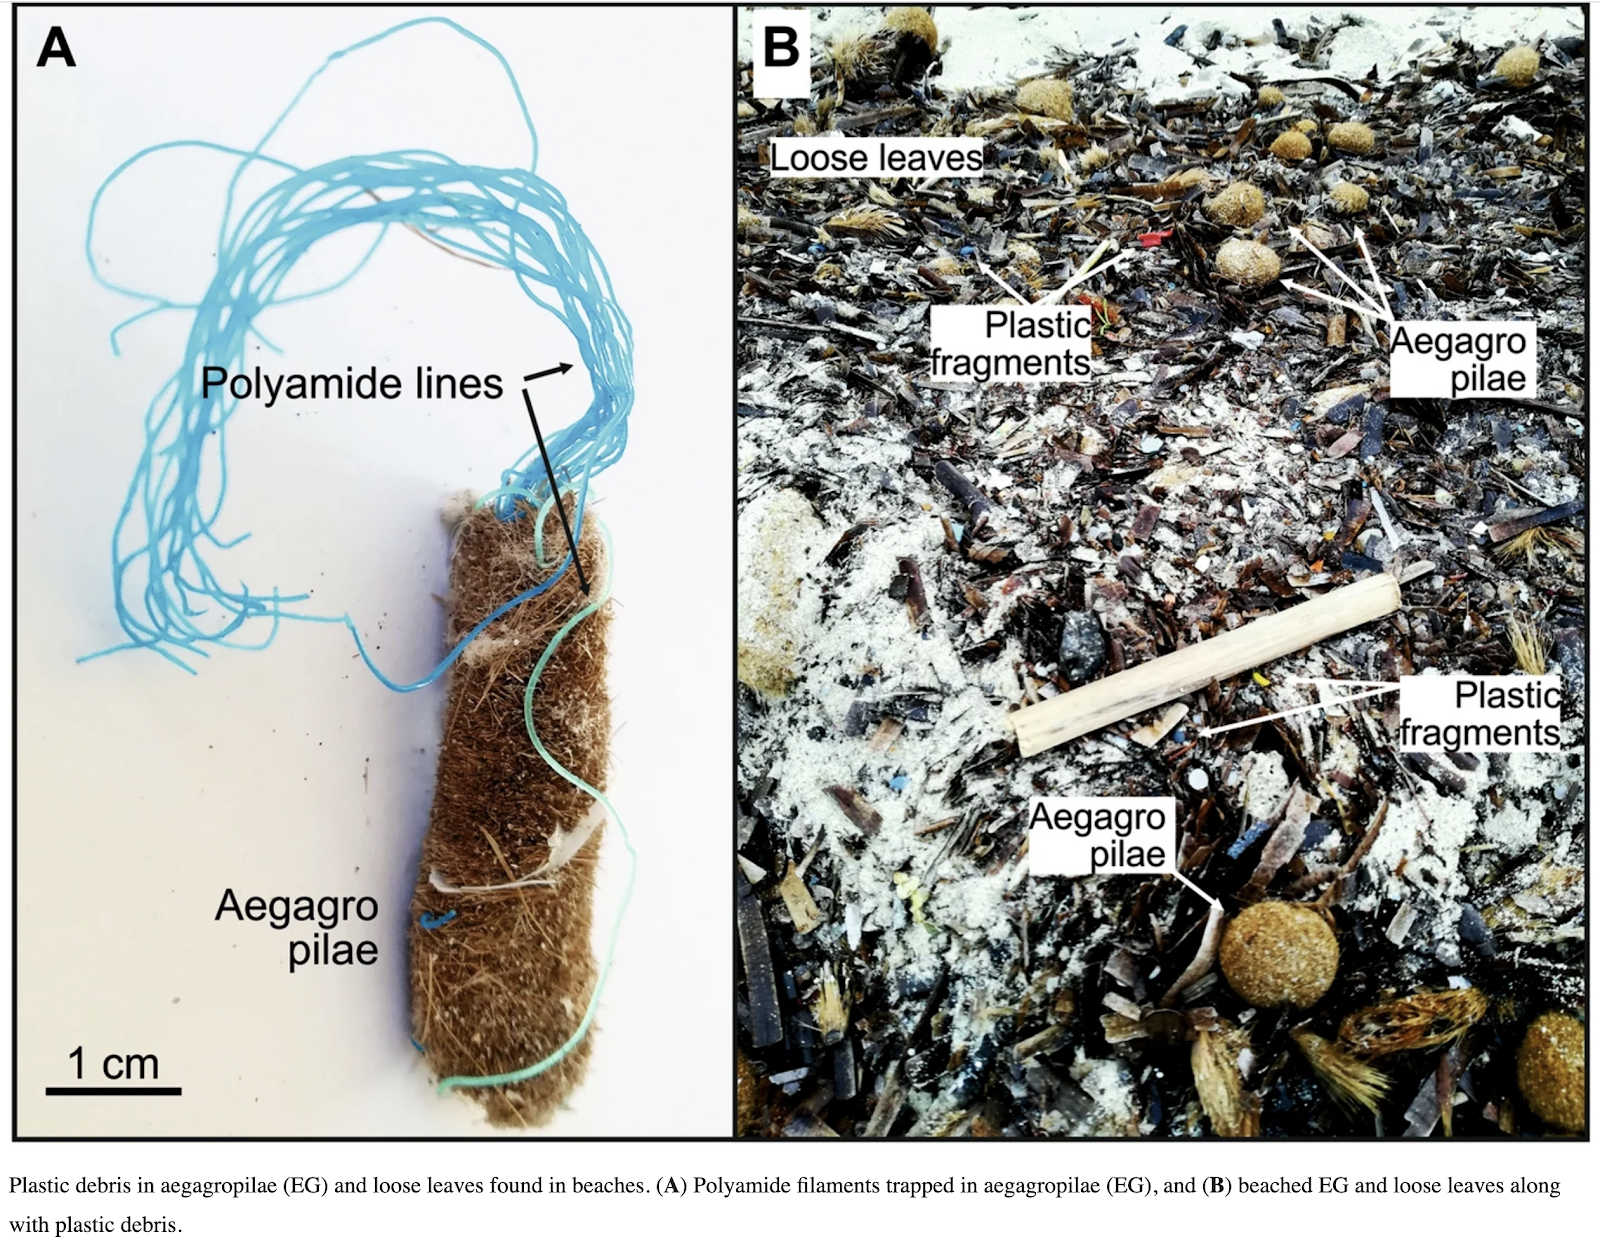 A diagram to show plastic debris in aegagropilae